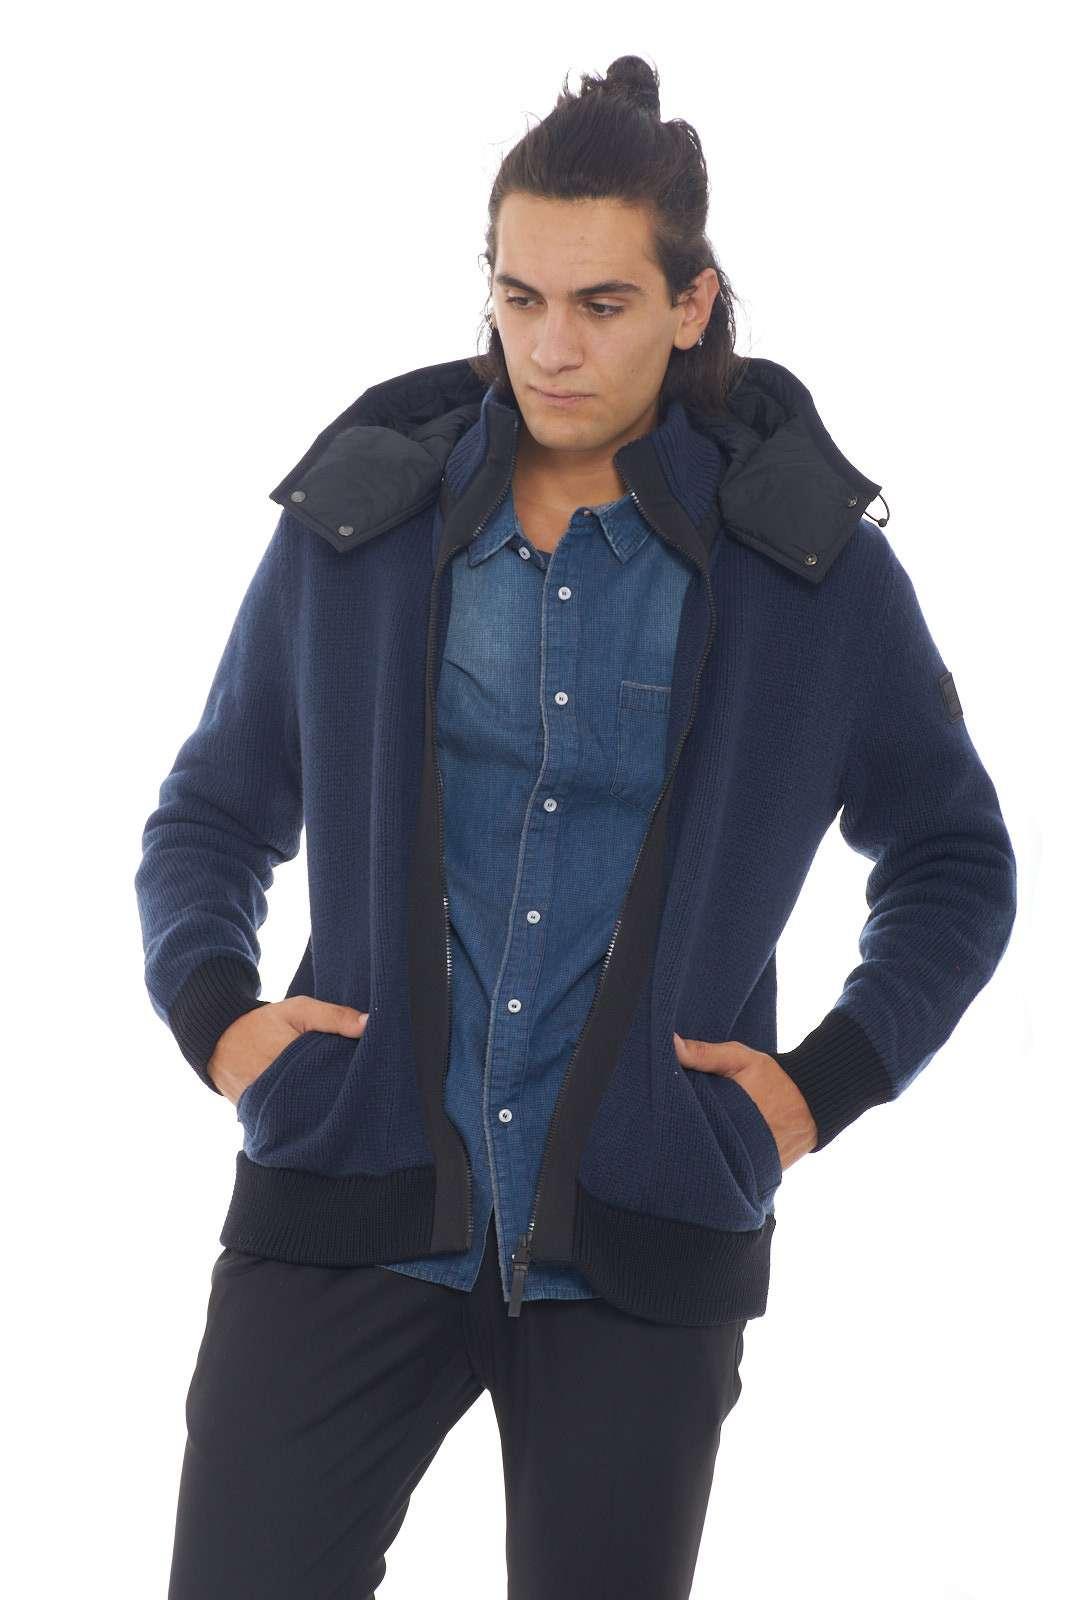 Un giubbino in calda lana vergine, perfetto per combattere il freddo invernale e le intemperie con stile e praticità. Il cappuccio regolabile e removibile, consente di cambiare aspetto al capo in qualsiasi momento, oltre che a un riparo di emergenza contro pioggia e vento. Perfetto per l'uomo che ama outfit versatili. Il modello è alto 1.90m e indossa la taglia XL.